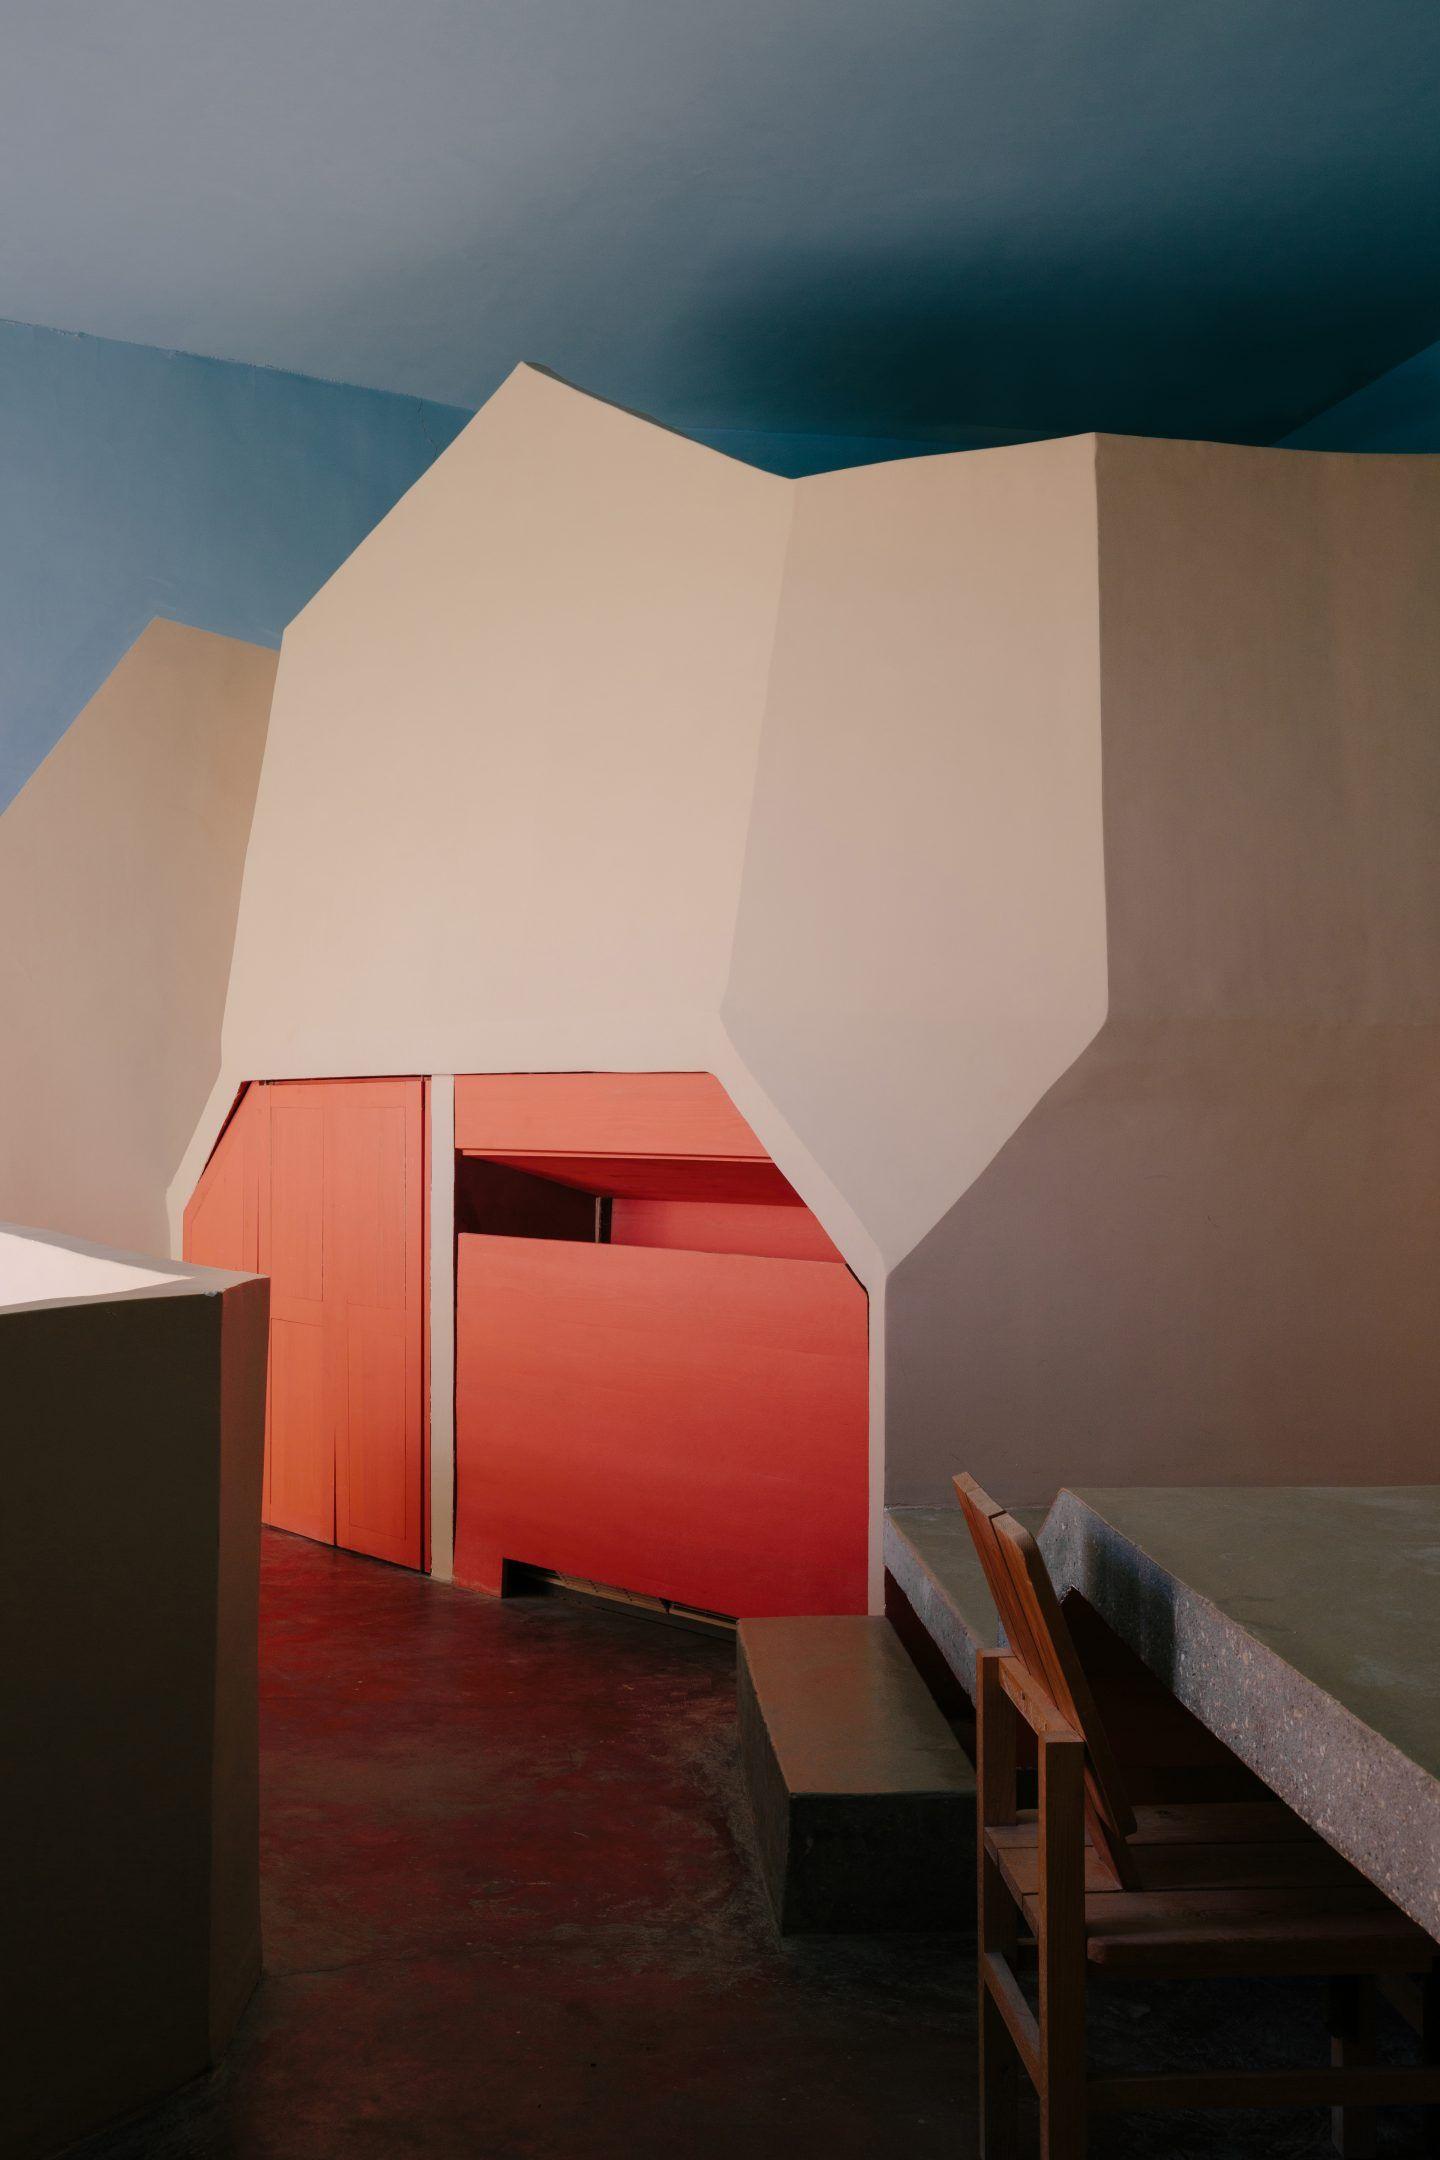 IGNANT-Architecture-Dar-Hi-MarinaDenisova-31